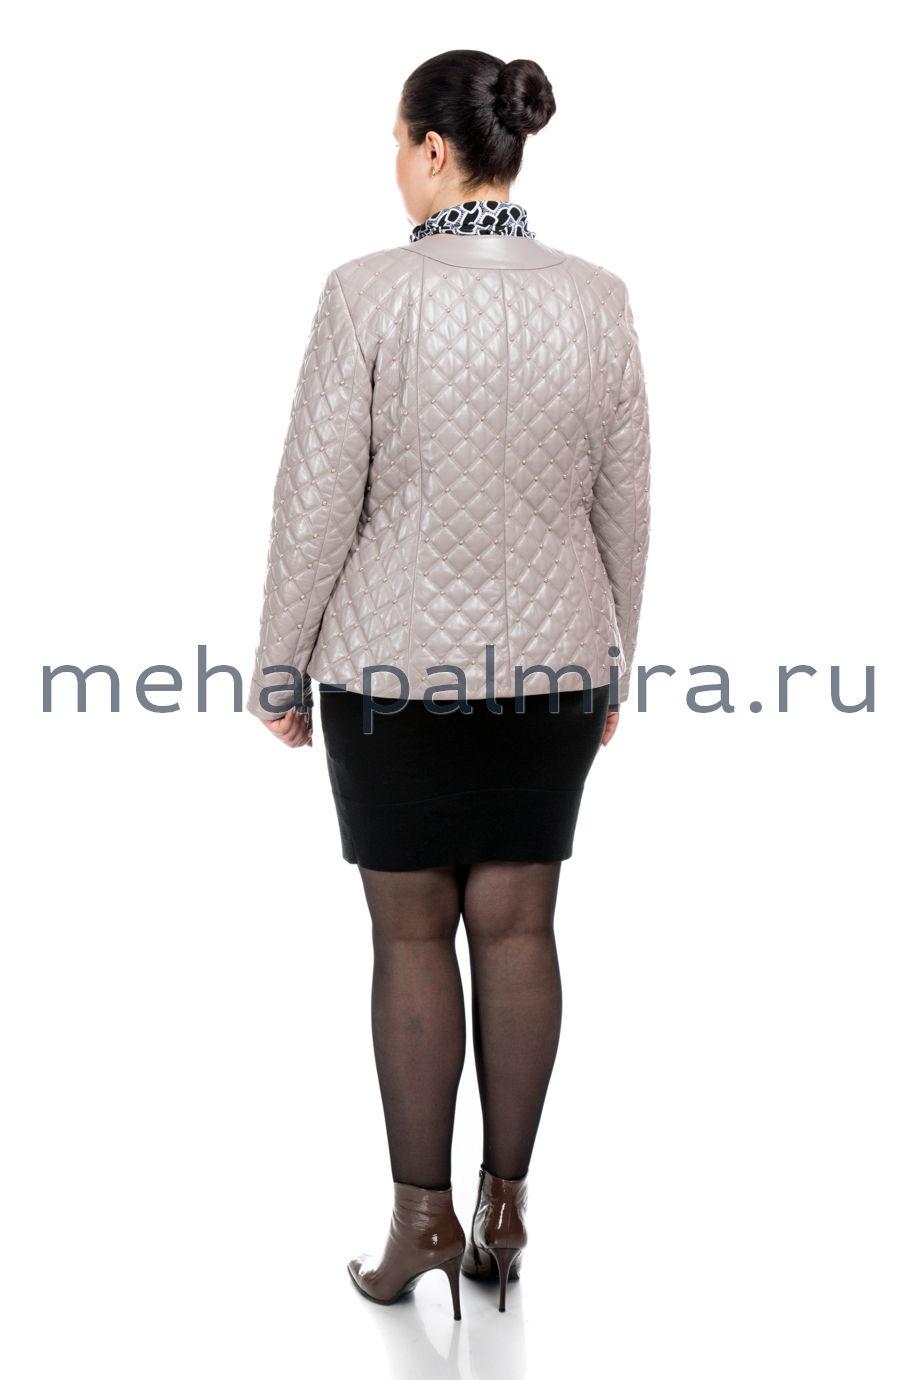 Стеганая куртка из натуральной кожи на пуговицах, цвет перламутр